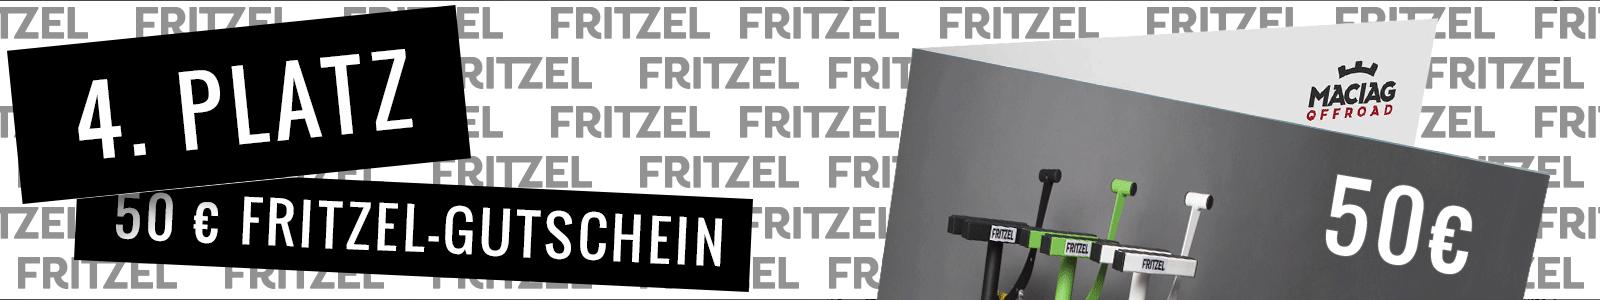 4. Platz FRITZEL Gutschein